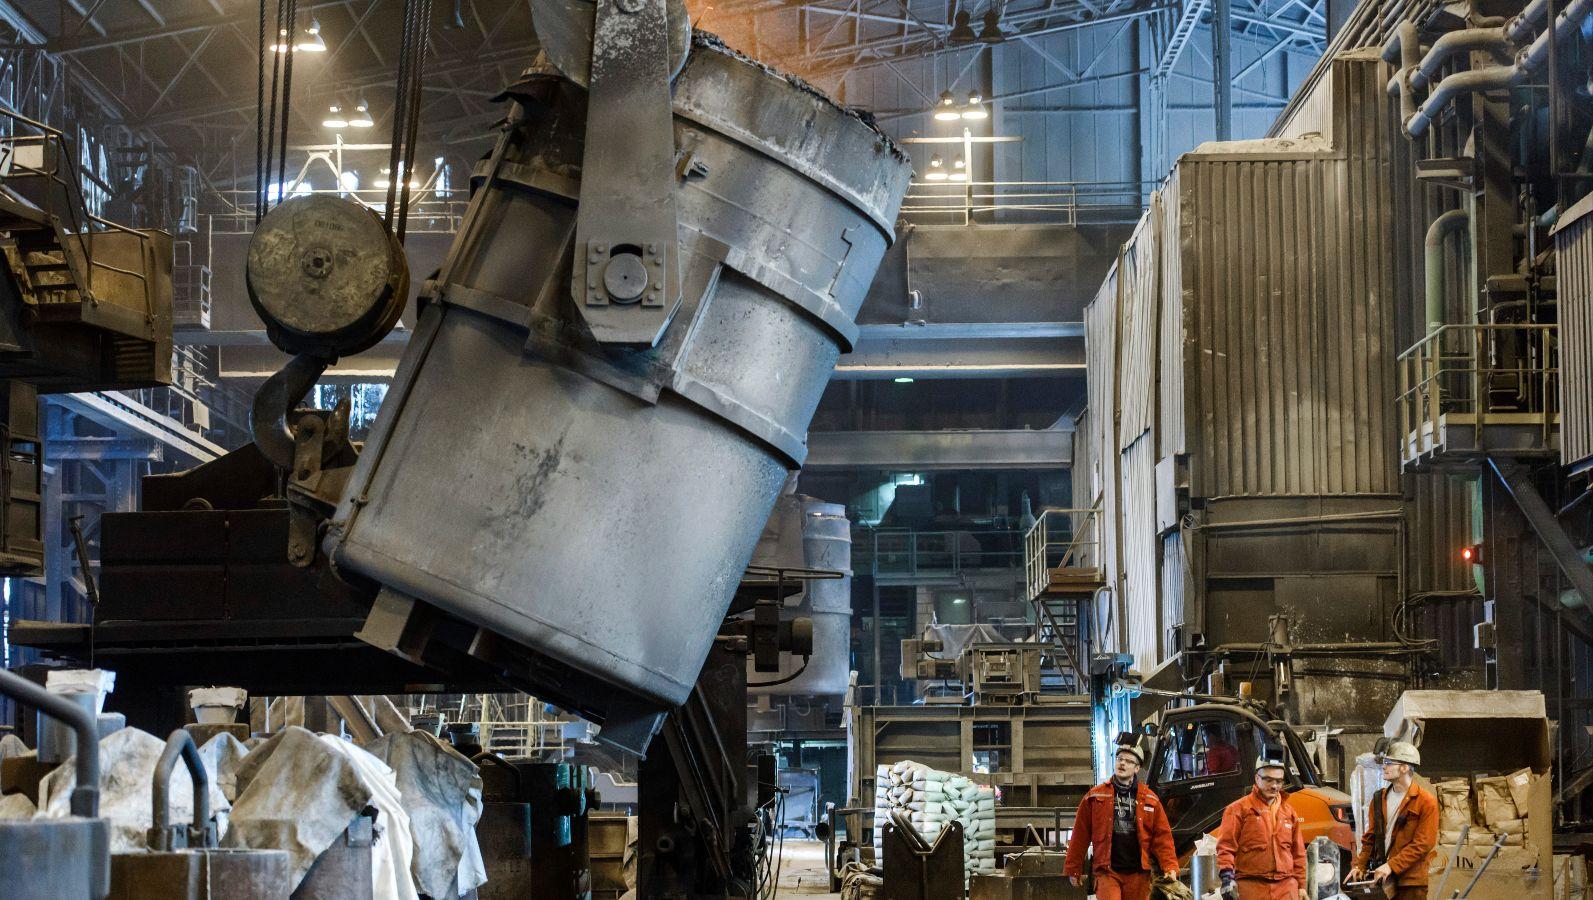 Produktionshalle zur Sekundärstahlerzeugung: Im Elektrolichtbogenofen wird Stahlschrott aufgeschmolzen.